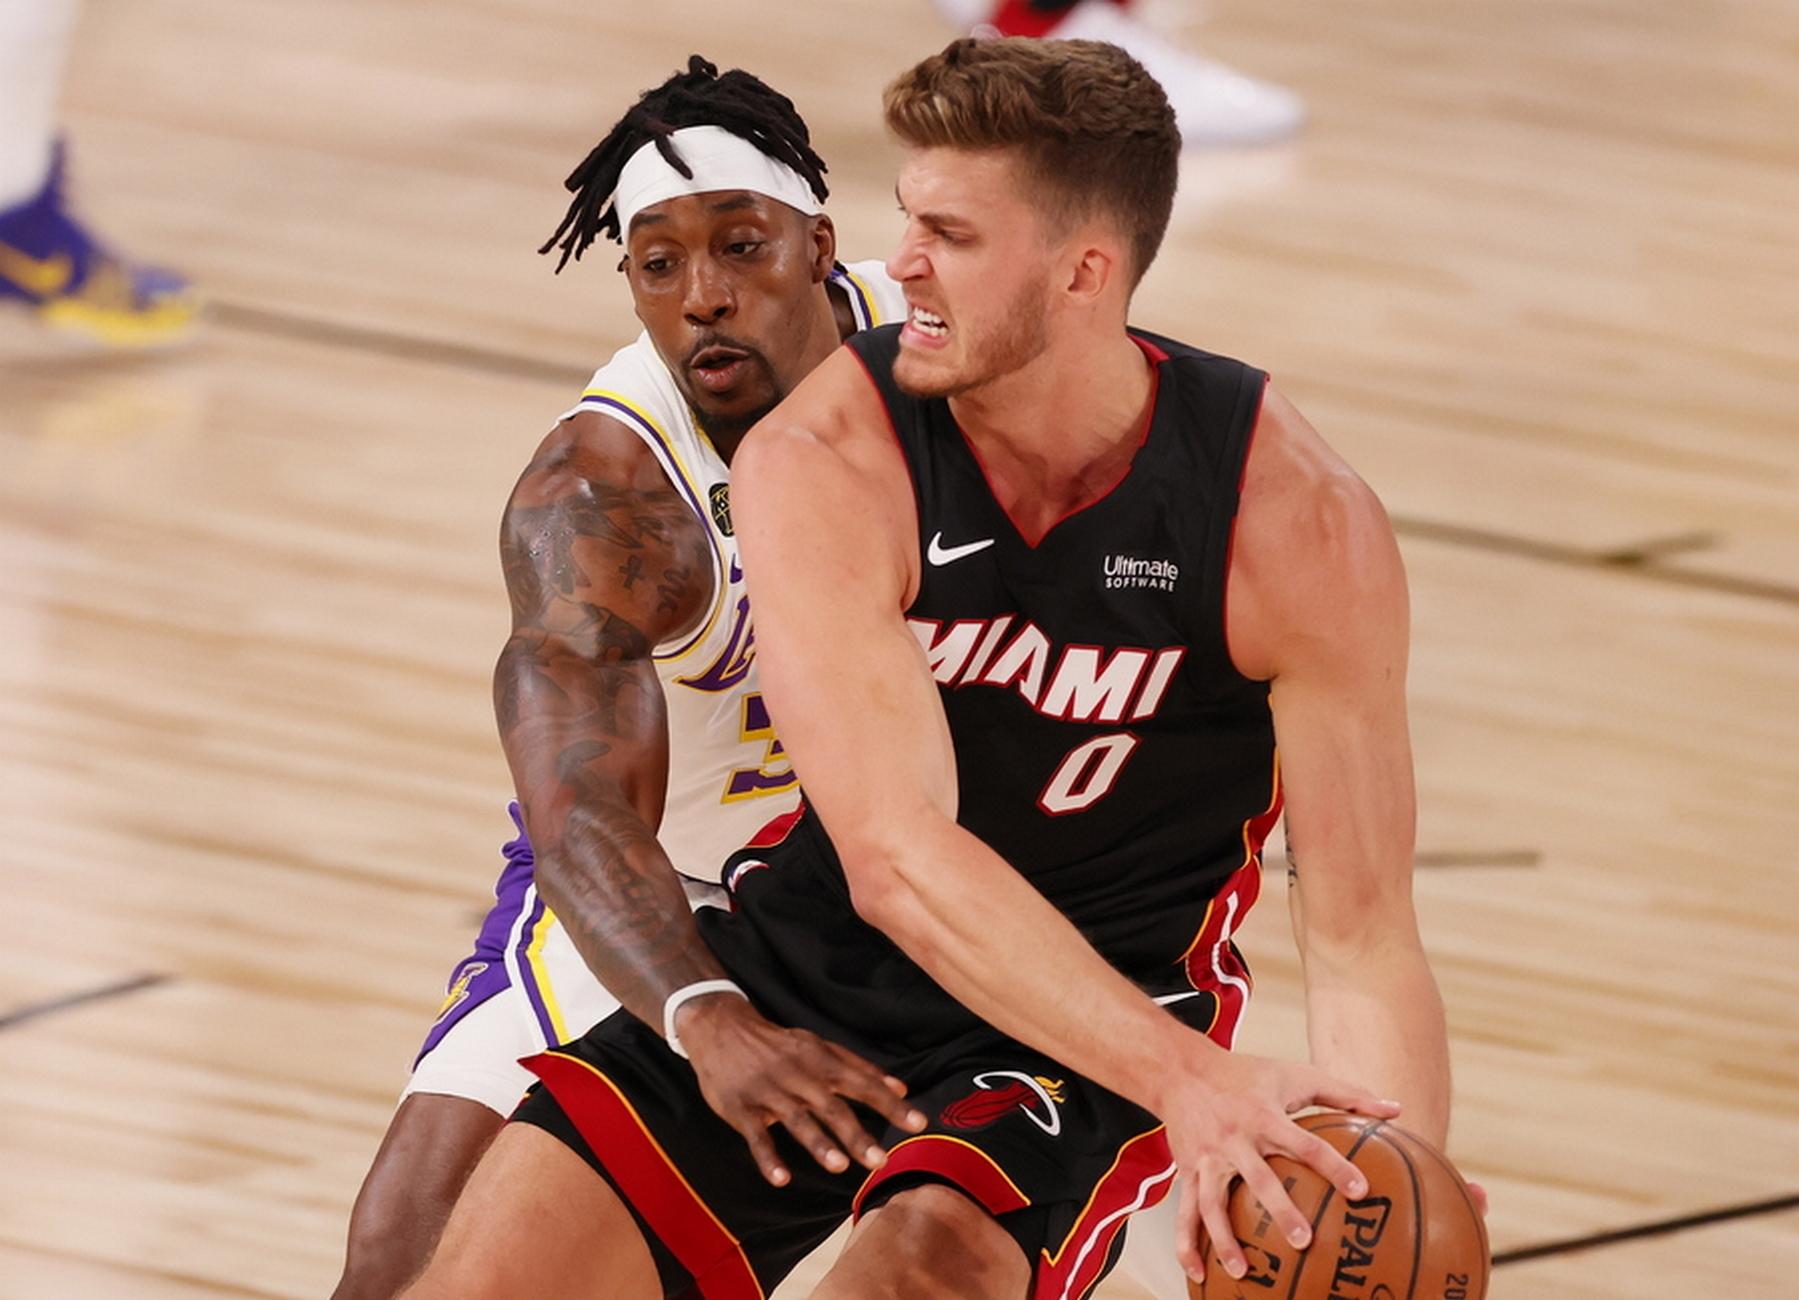 Σάλος με τον Λέοναρντ στο NBA – Εκτός ομάδας στους Μαϊάμι Χιτ